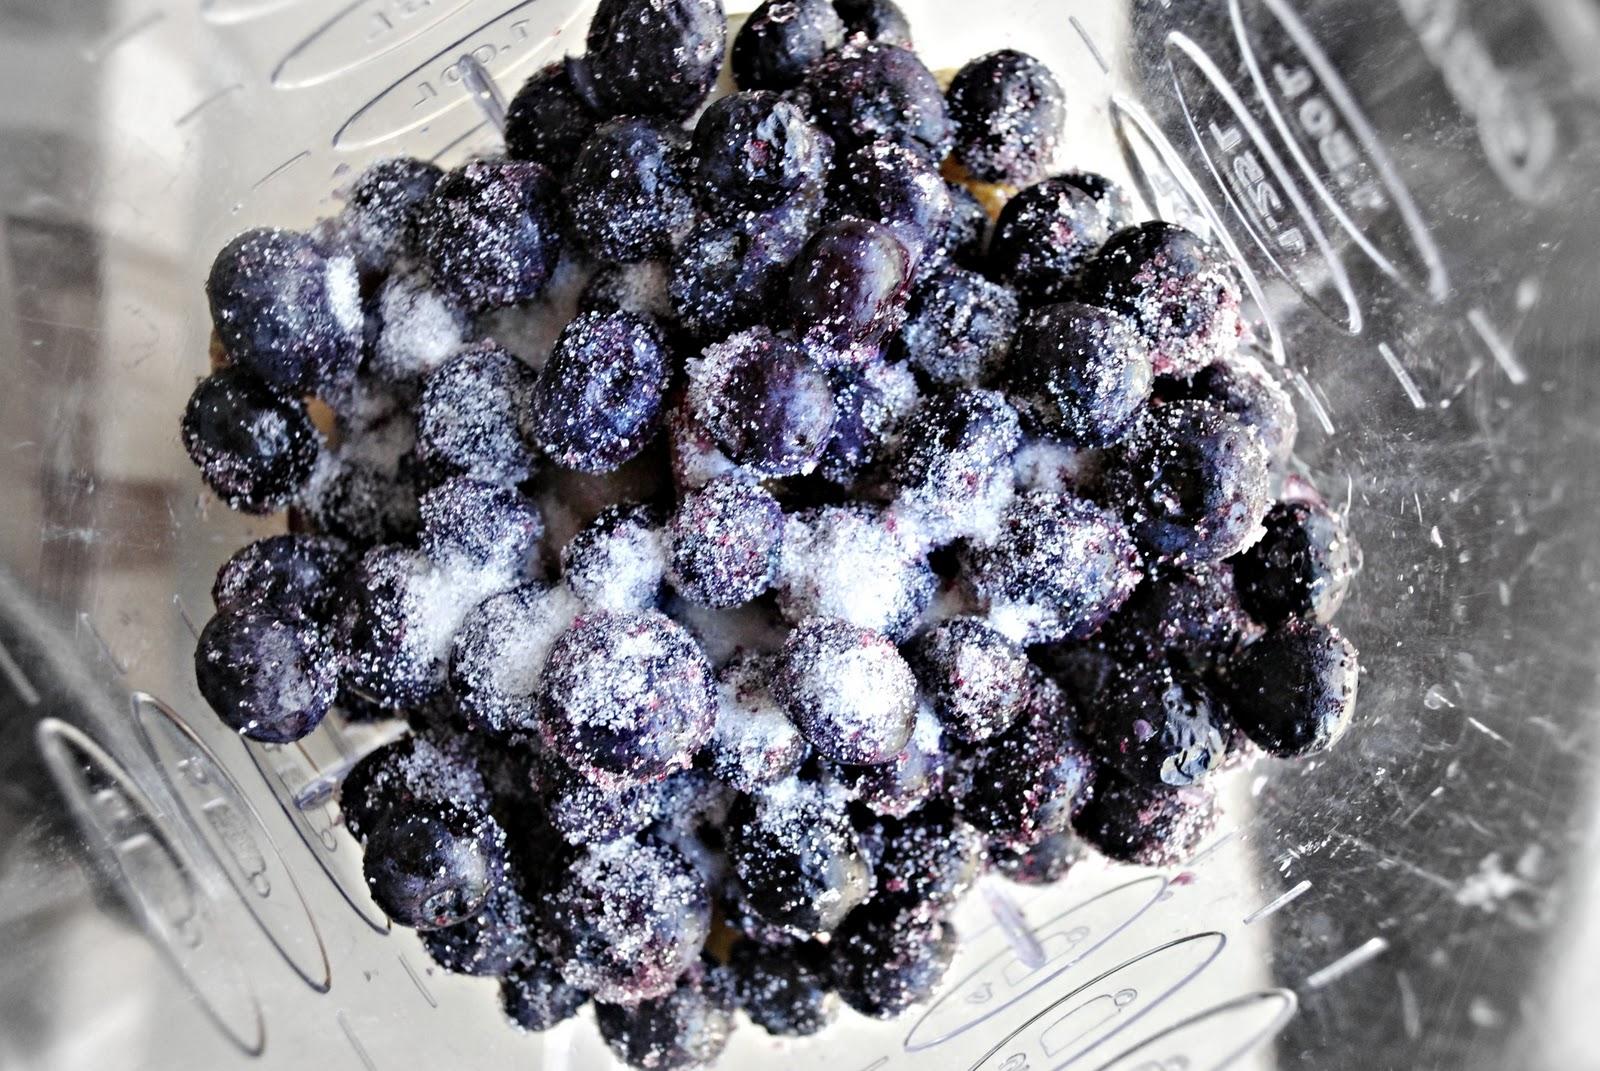 Как правильно заморозить чернику на зиму в холодильнике: 5 способов заморозки » сусеки